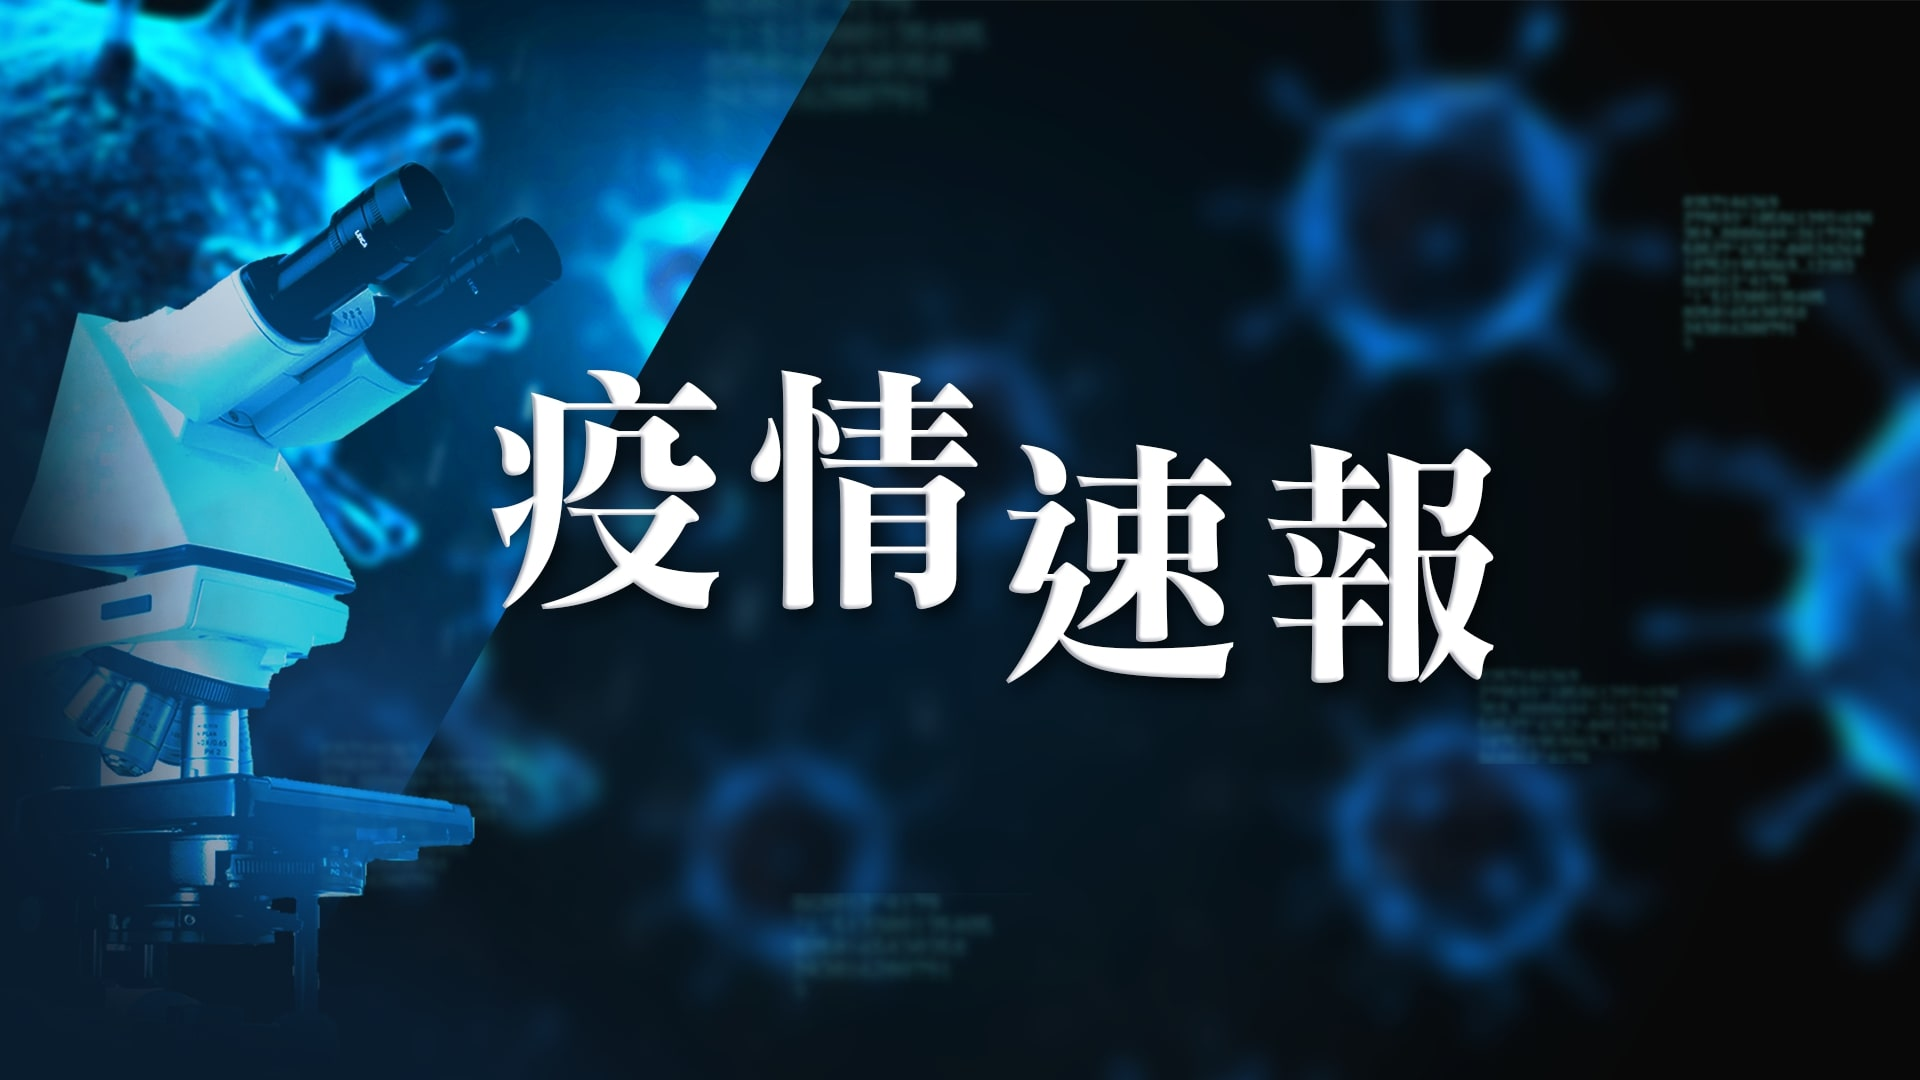 【2月28日疫情速報】(14:20)